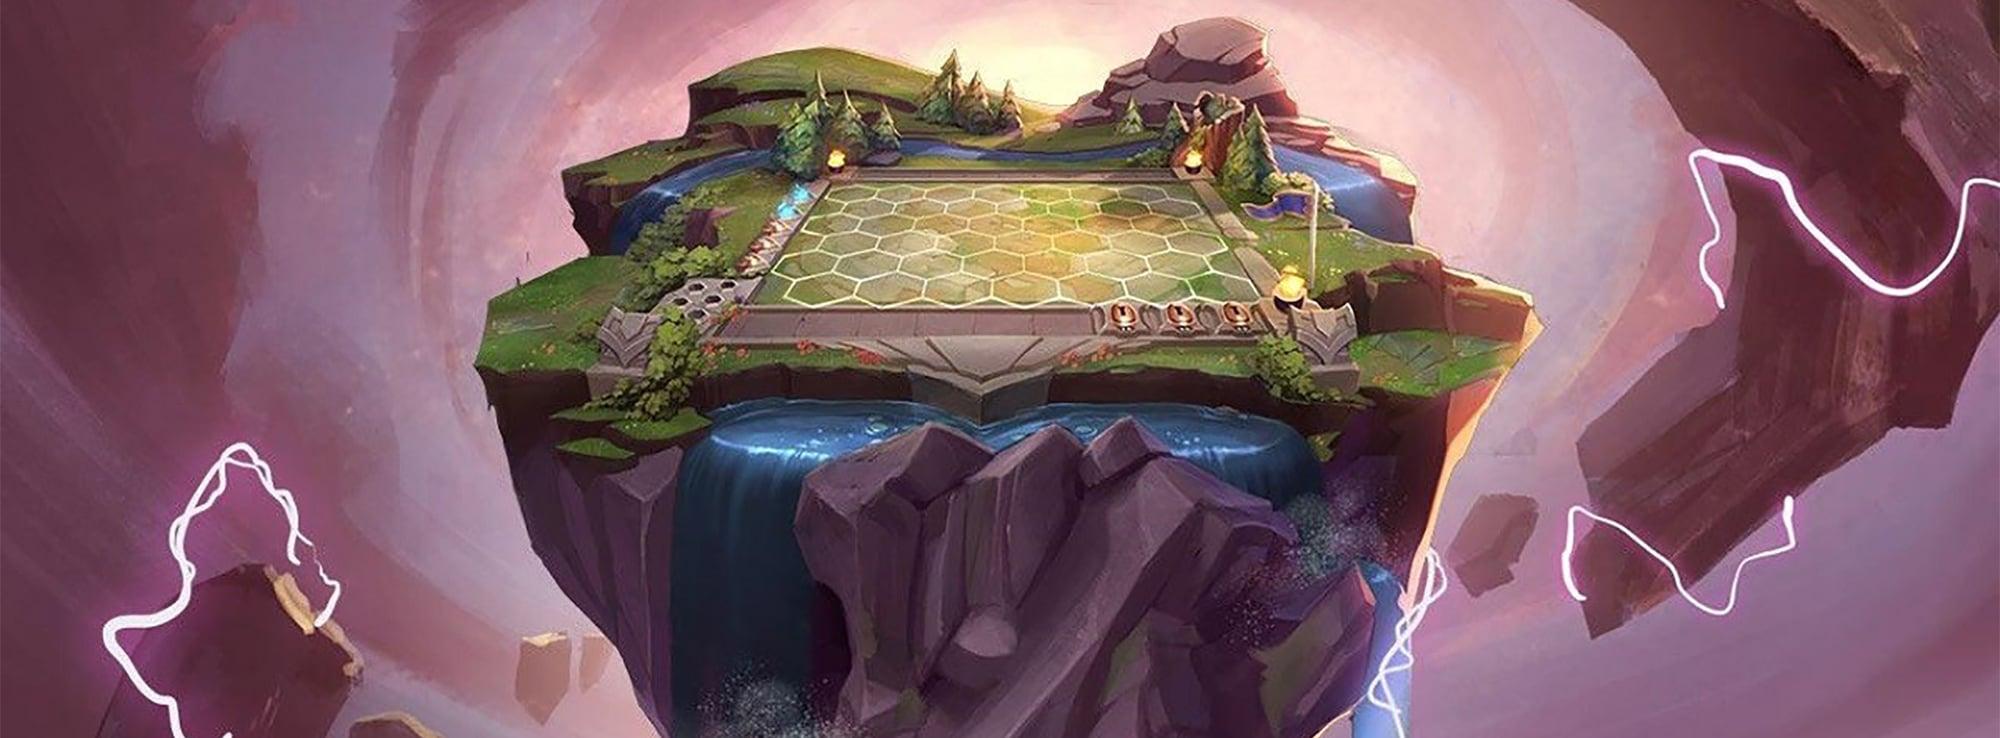 Das Spielfeld von Teamfight Tactics